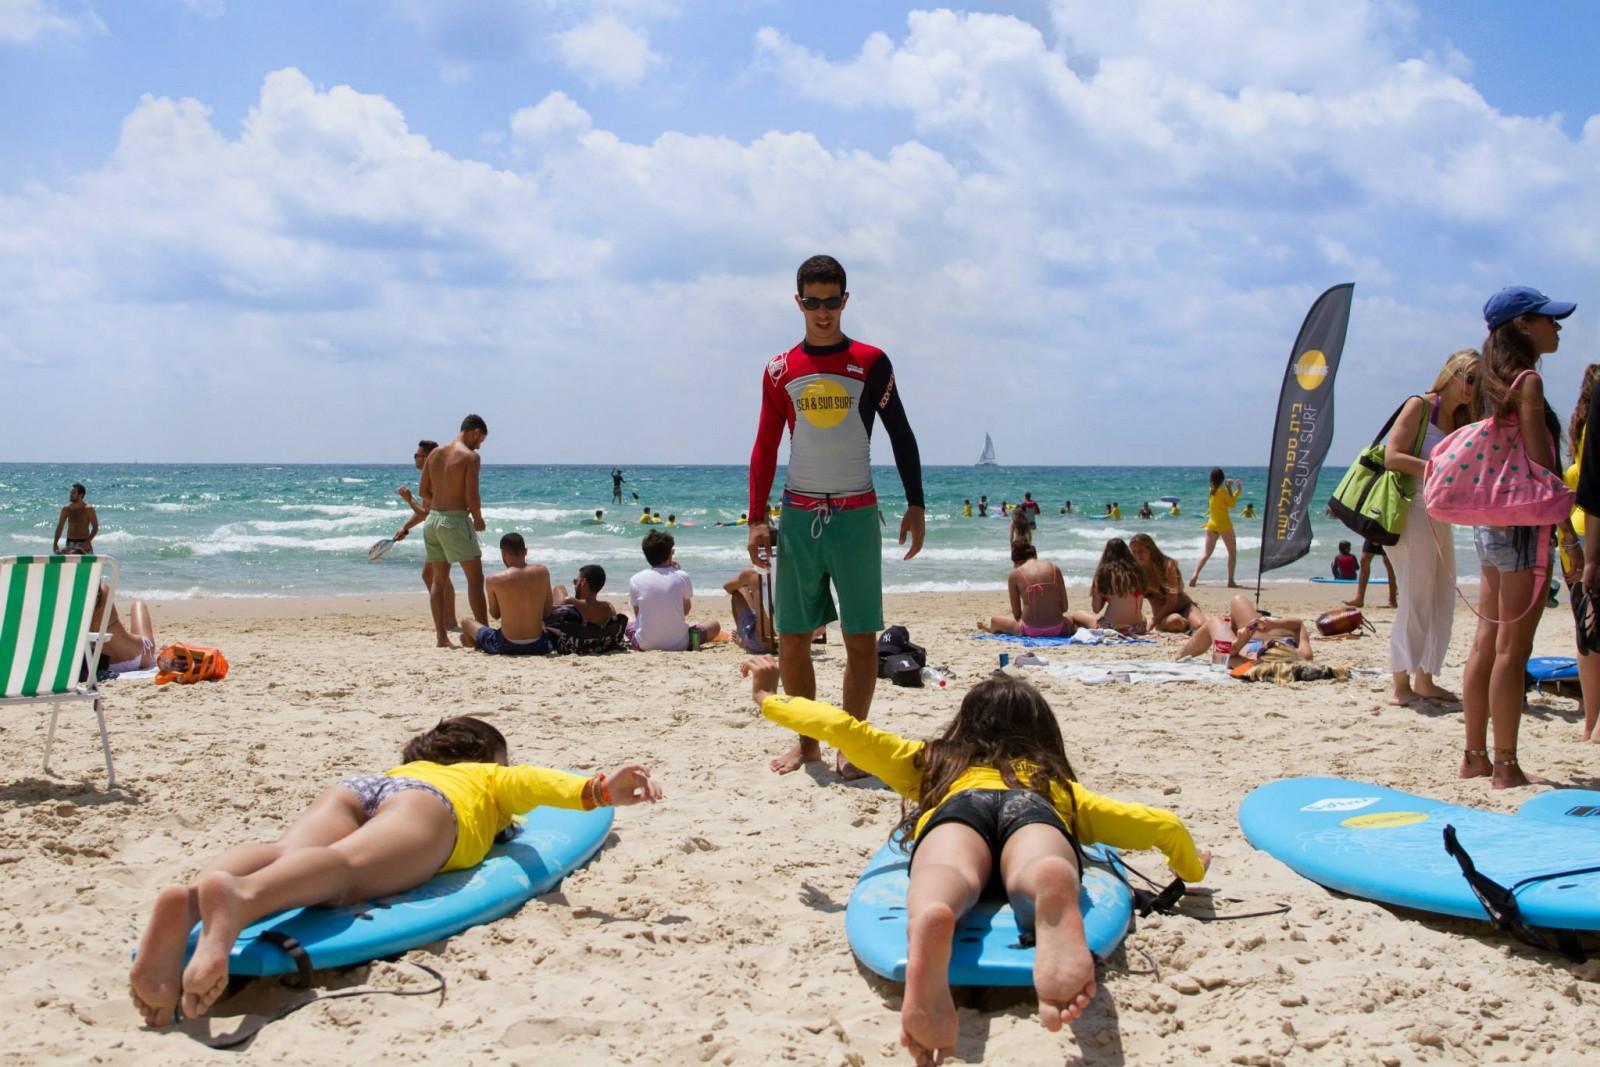 תמונה של הים בחוף הצוק תל אביב, עם הלוגו של קייטנת הגלישה סי אנד סאן סרף